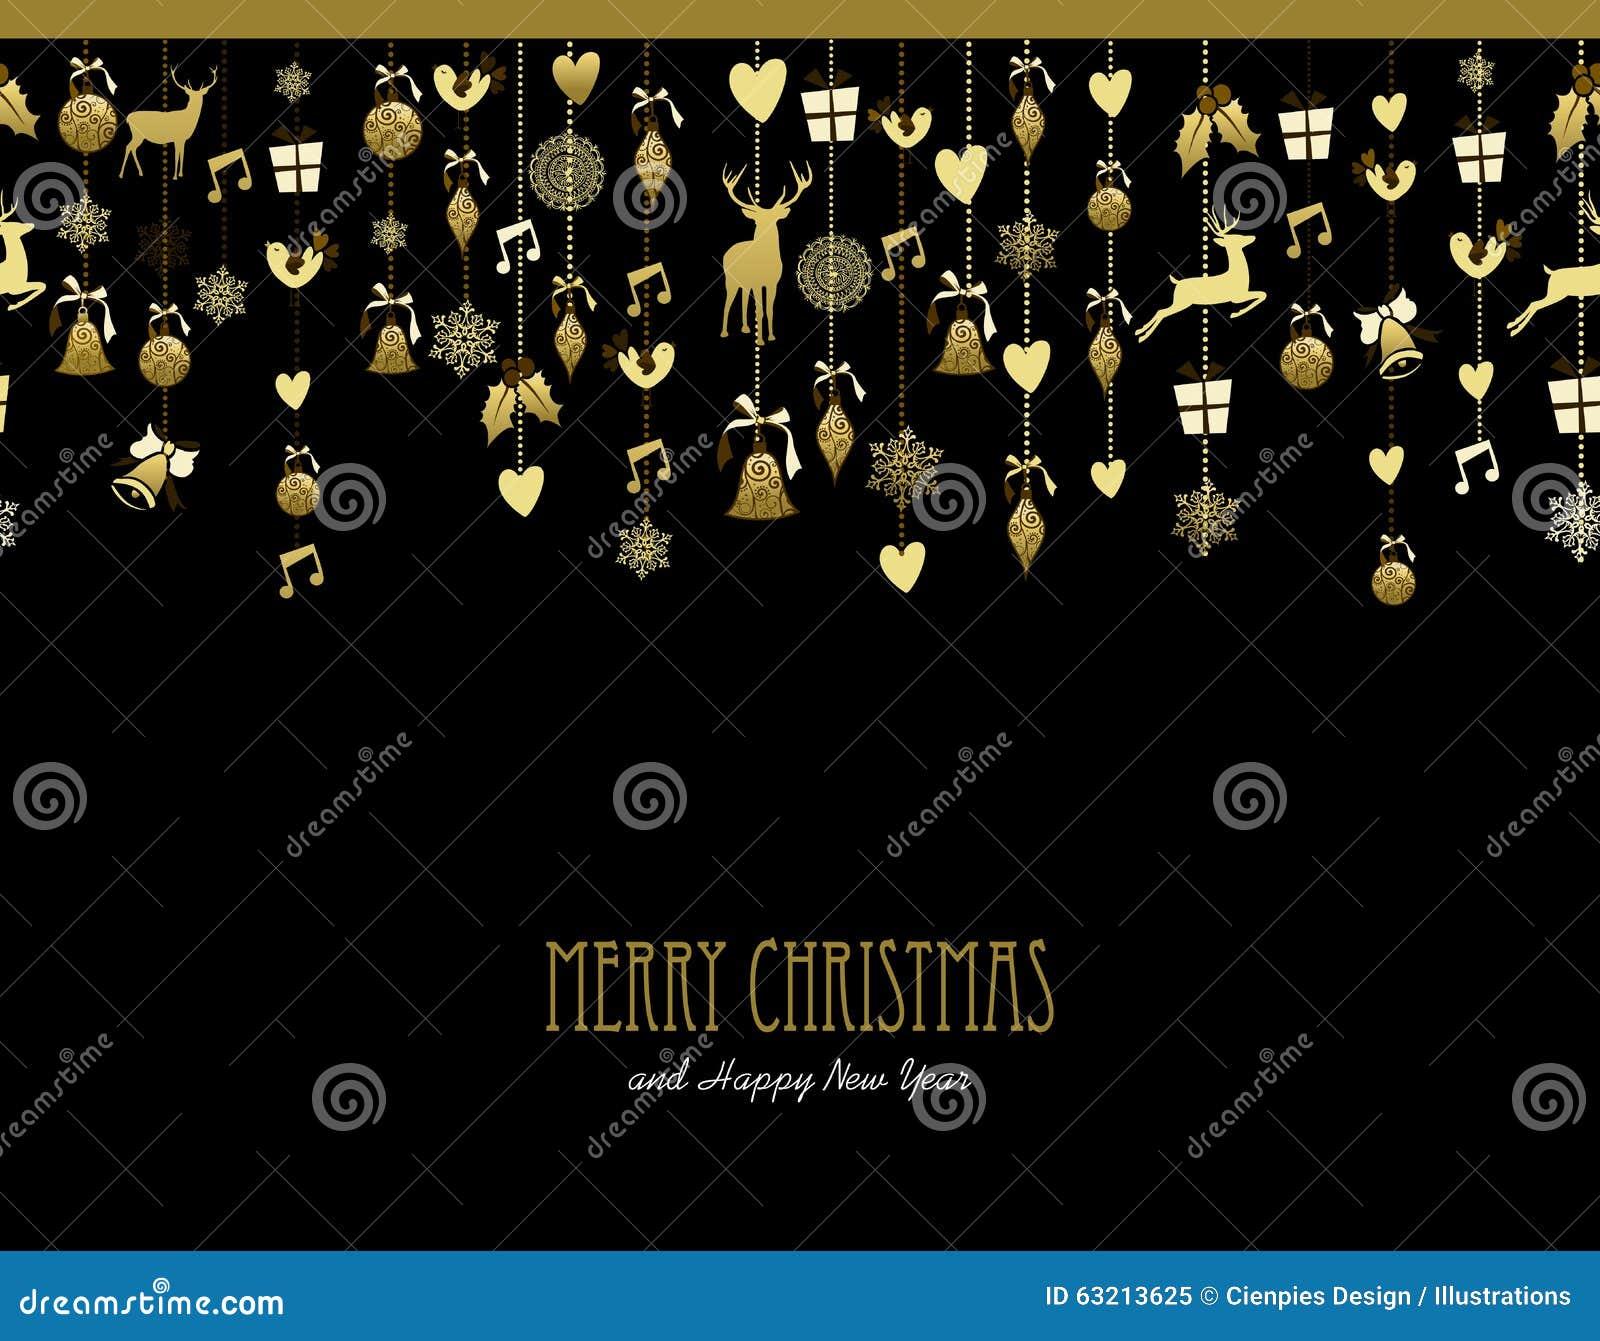 Frohe Weihnachten Musik.Dekorationsgoldschnee Rotwildmusik Der Frohen Weihnachten Vektor